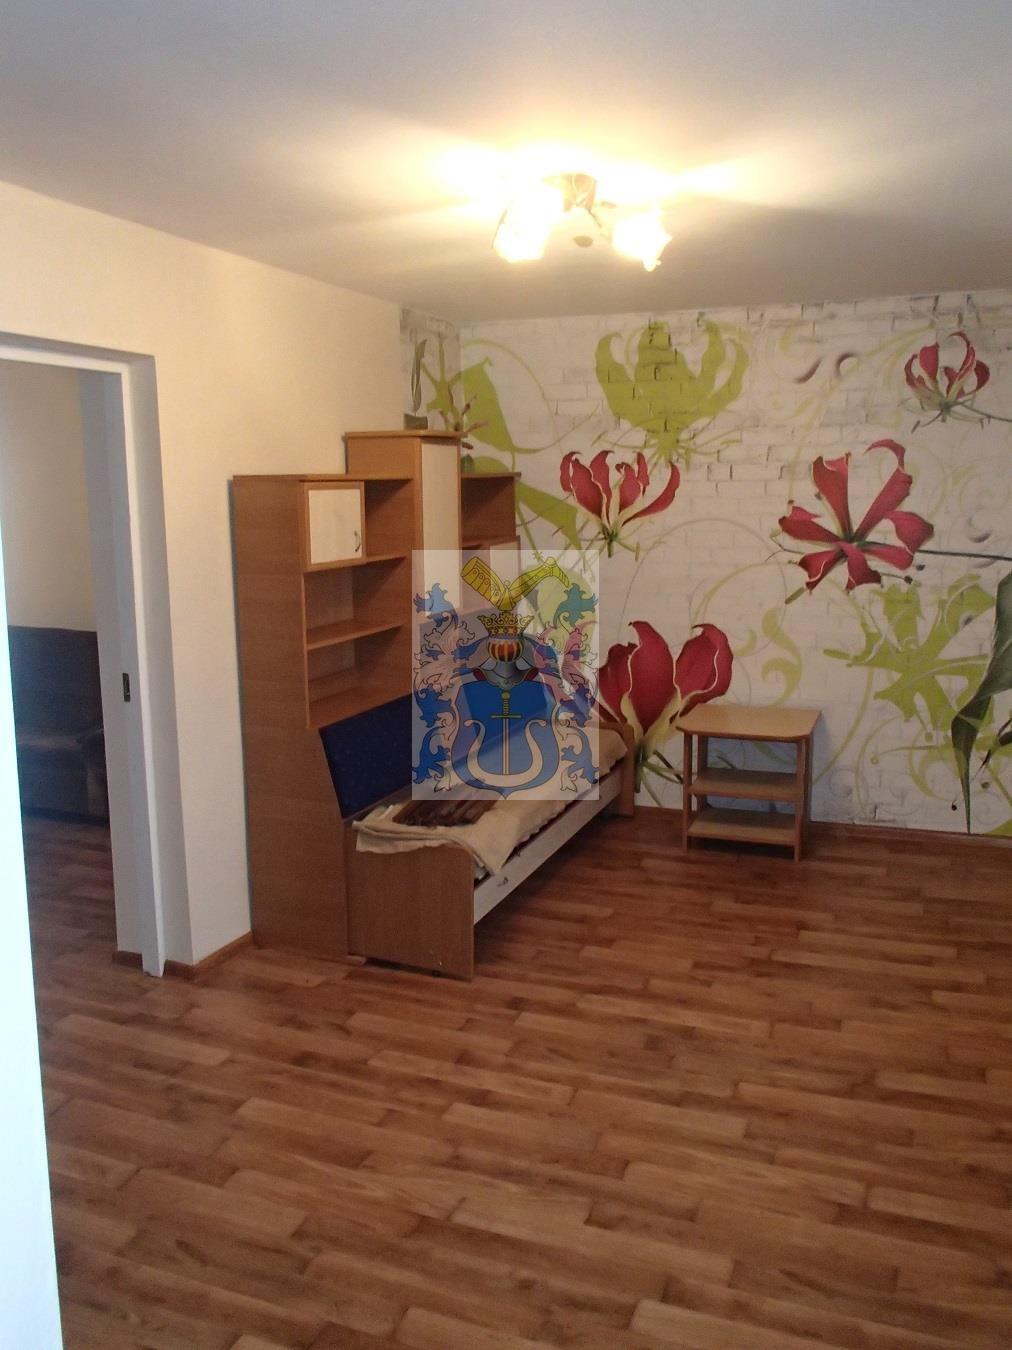 Dom na wynajem Kraków, Kraków-Krowodrza, Wola Justowska  140m2 Foto 9